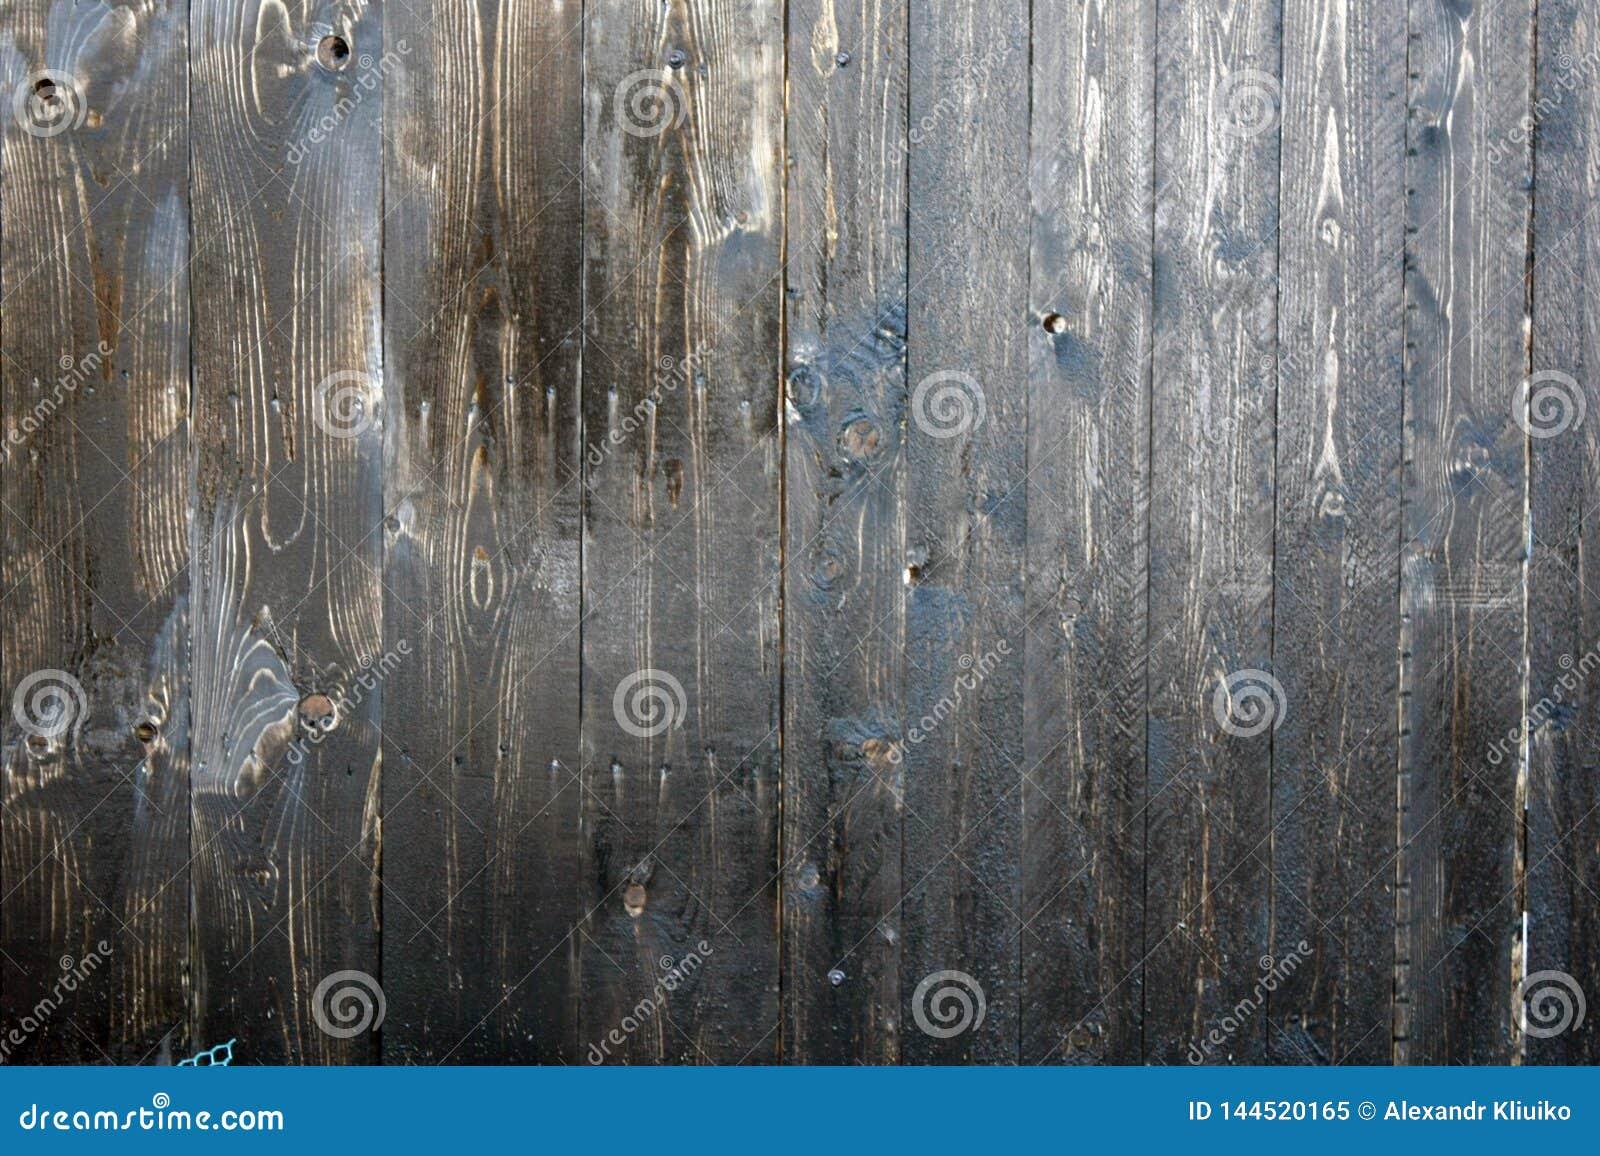 Textuur of achtergrond Houten Textuur raad geschilderd met natuurlijke olie was mastiek imitatie van waardevolle species van hout